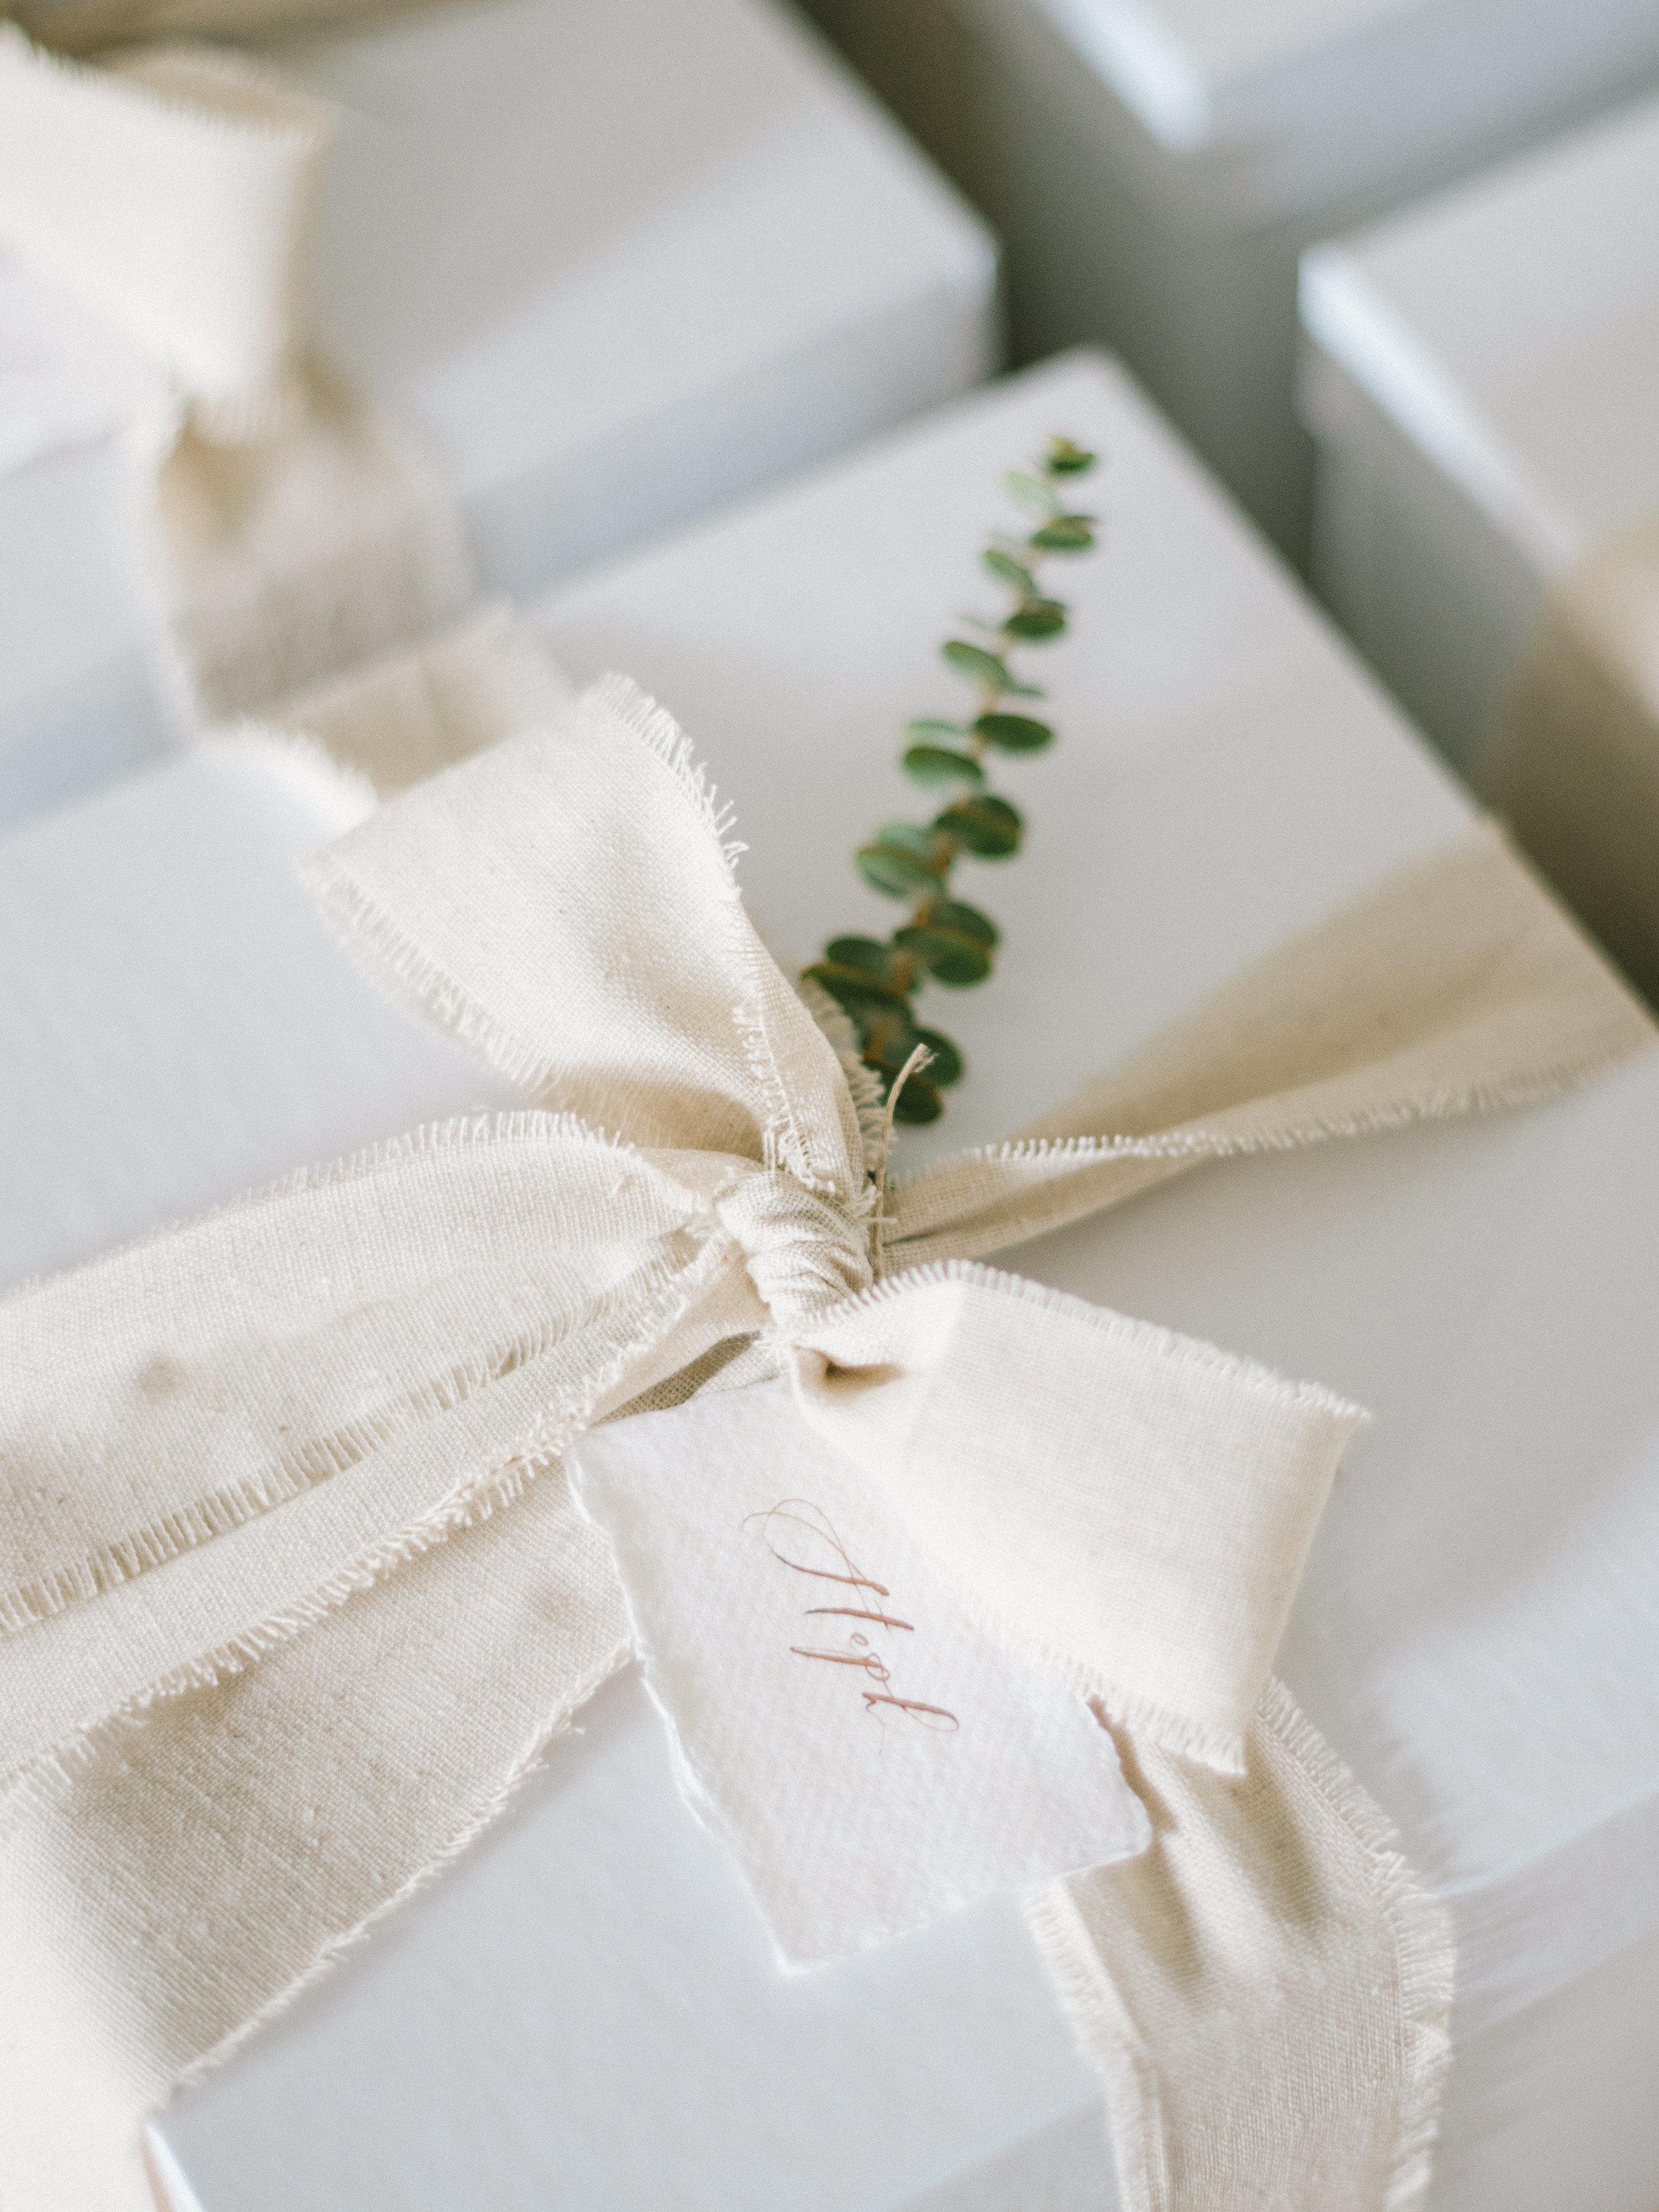 sinclairandmoore-real-wedding-workshop-ryanflynn-00003.jpg